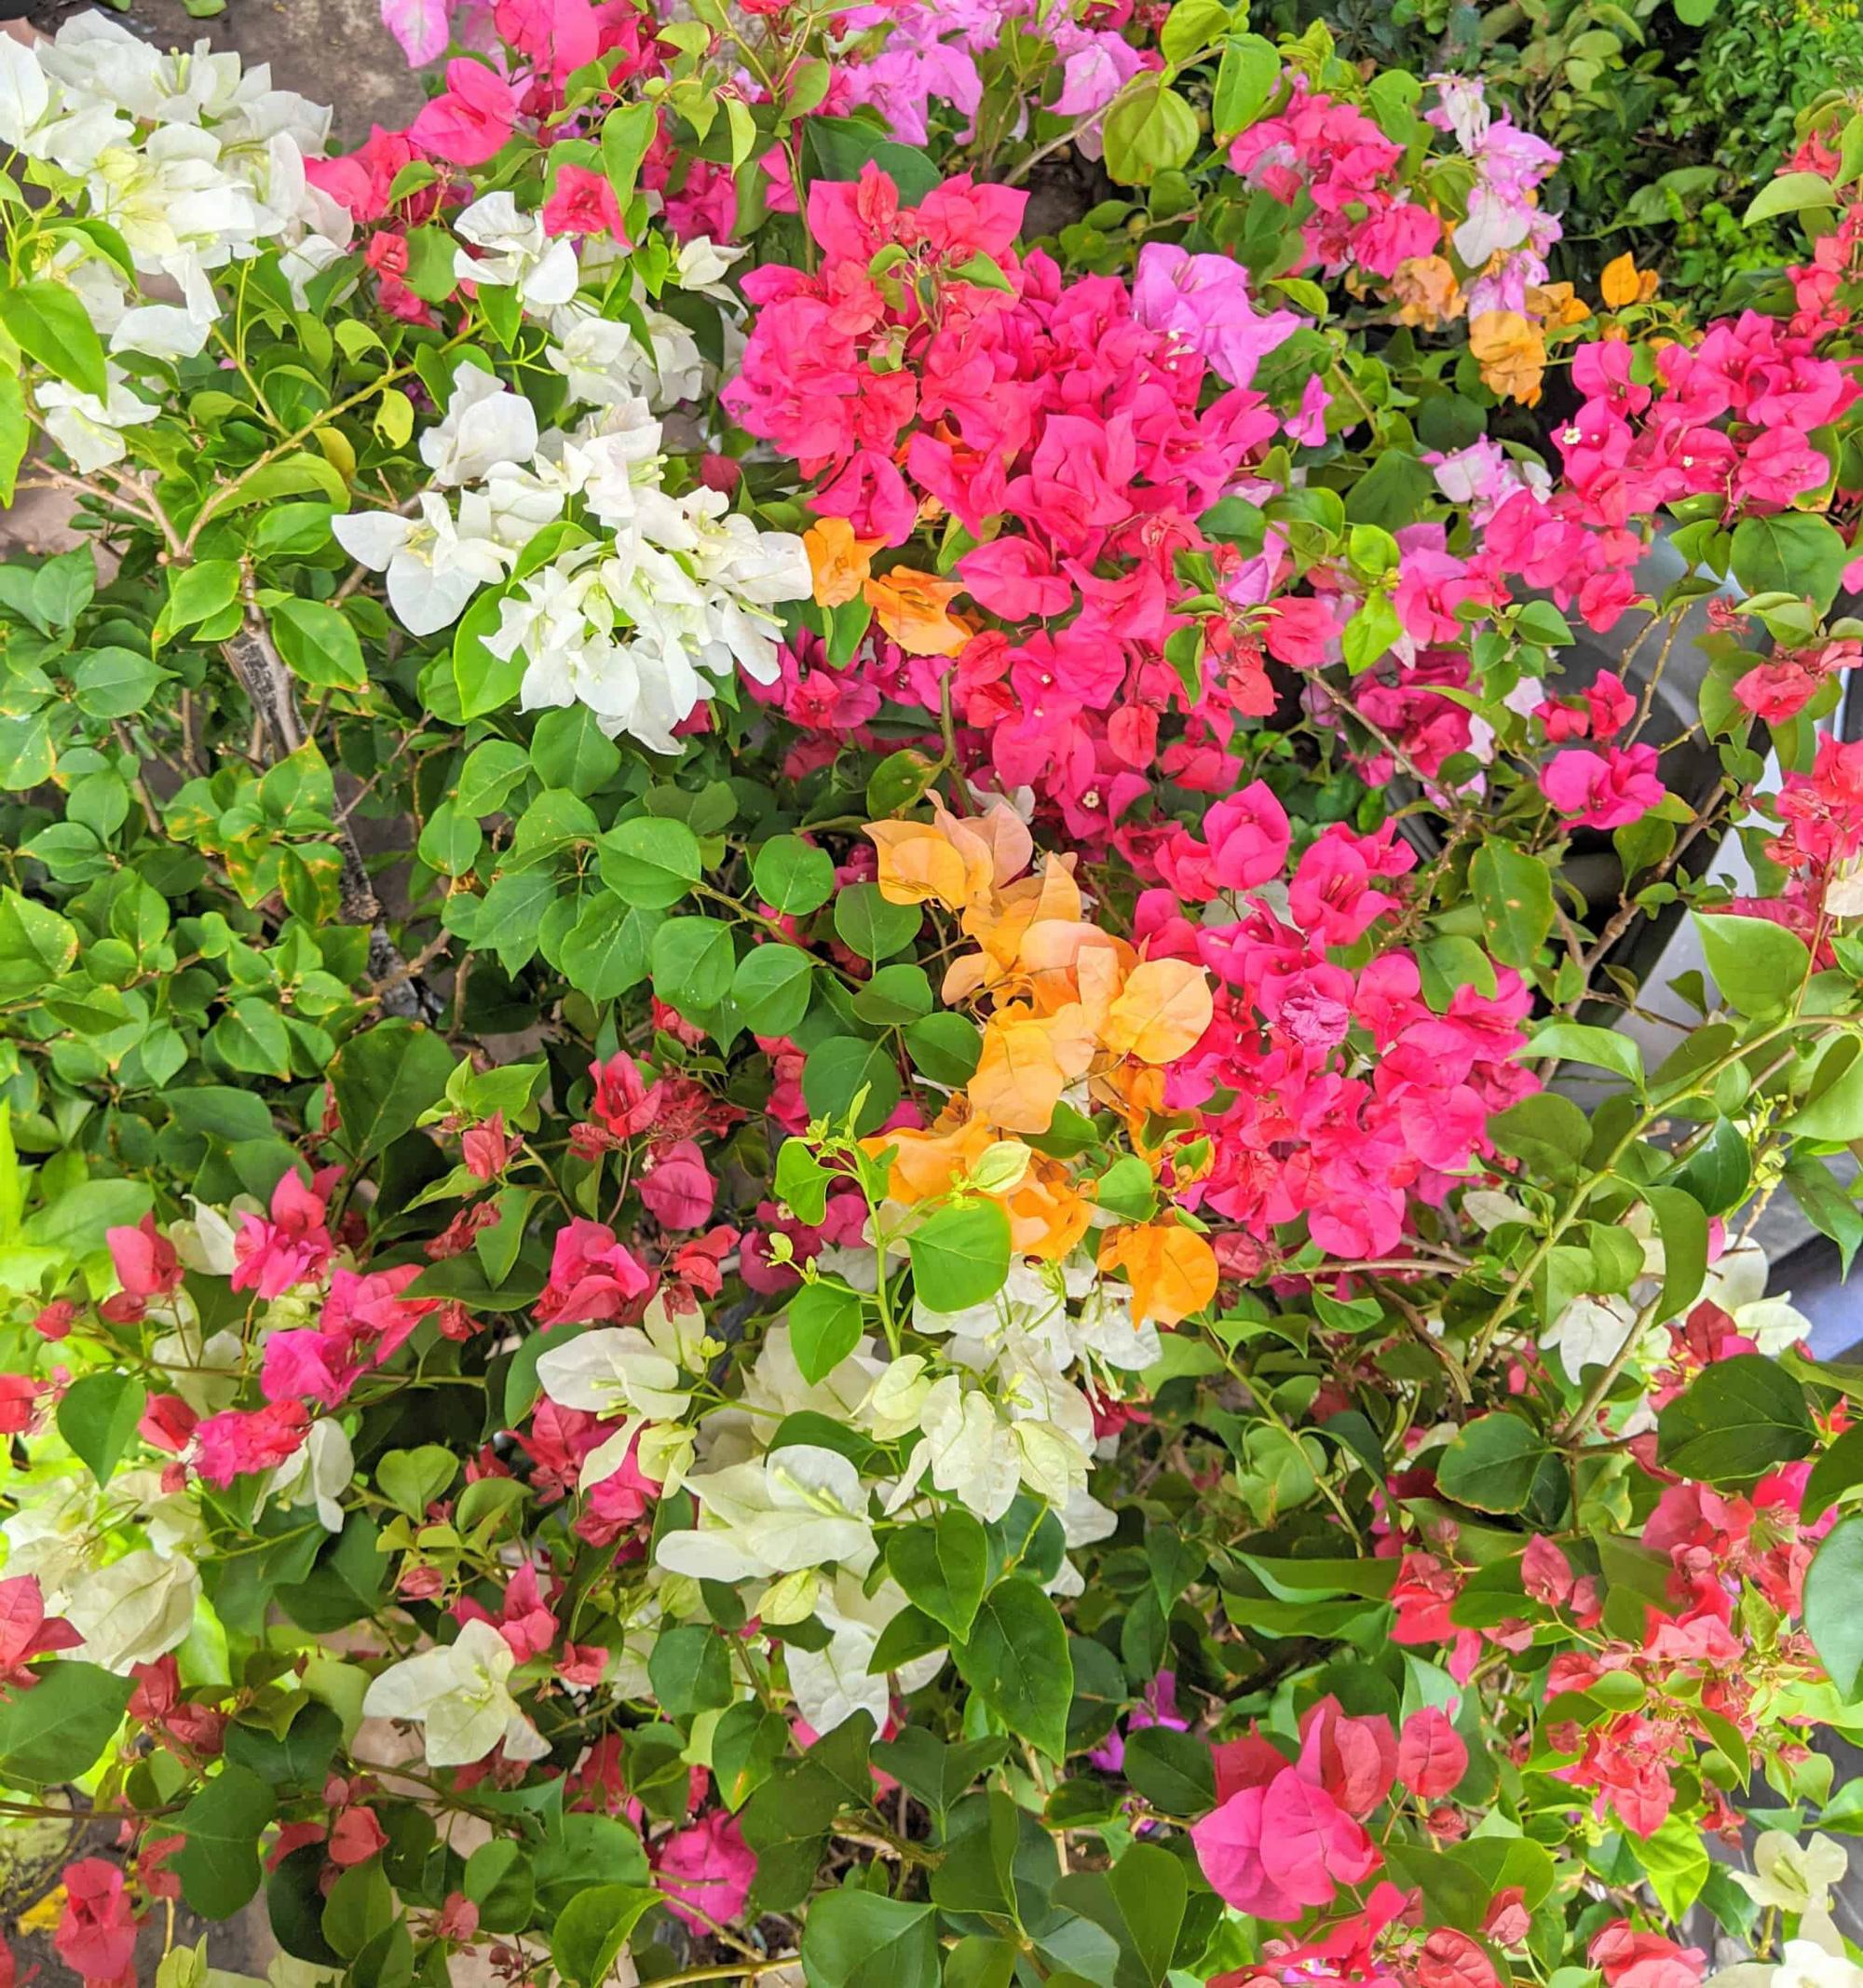 """Những cây hoa """"hữu sắc vô hương"""" ra nhiều màu, dân chơi kiểng trả giá hơn nửa tỷ đồng - Ảnh 1."""